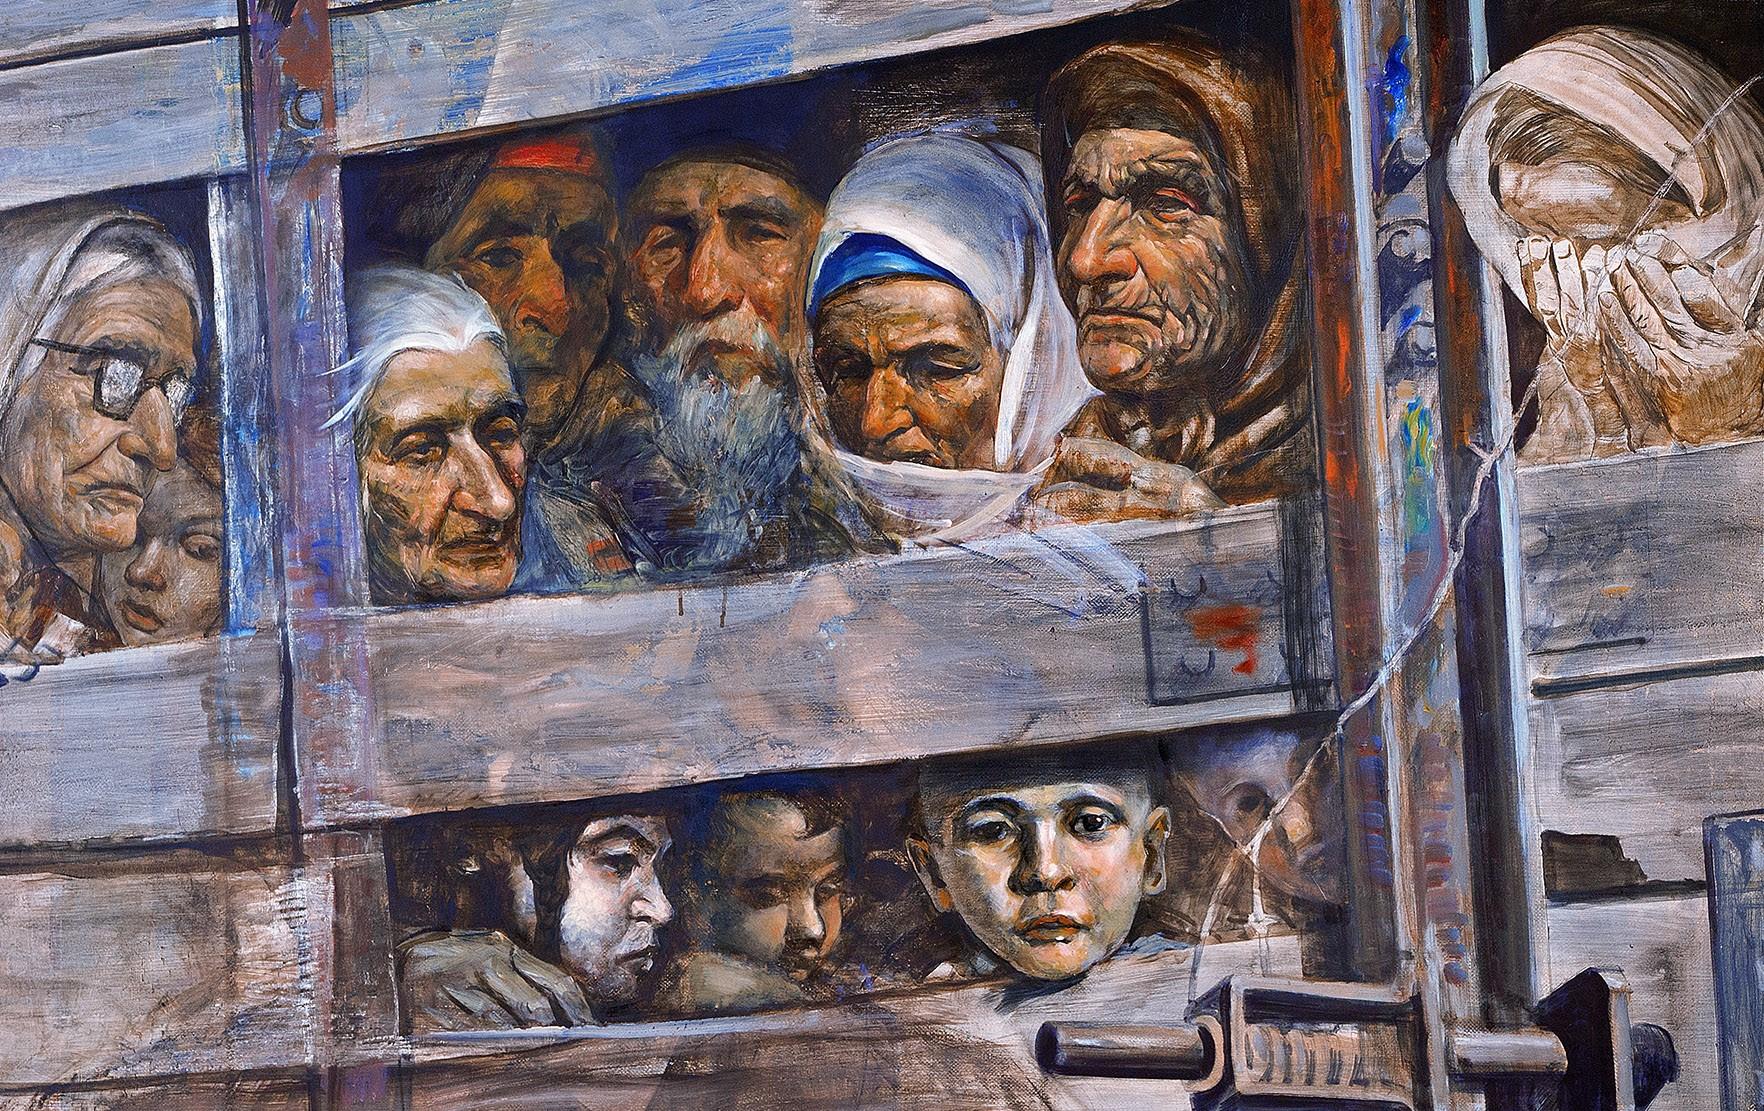 Resultado de imagen de chechen people in gulags 1944 images